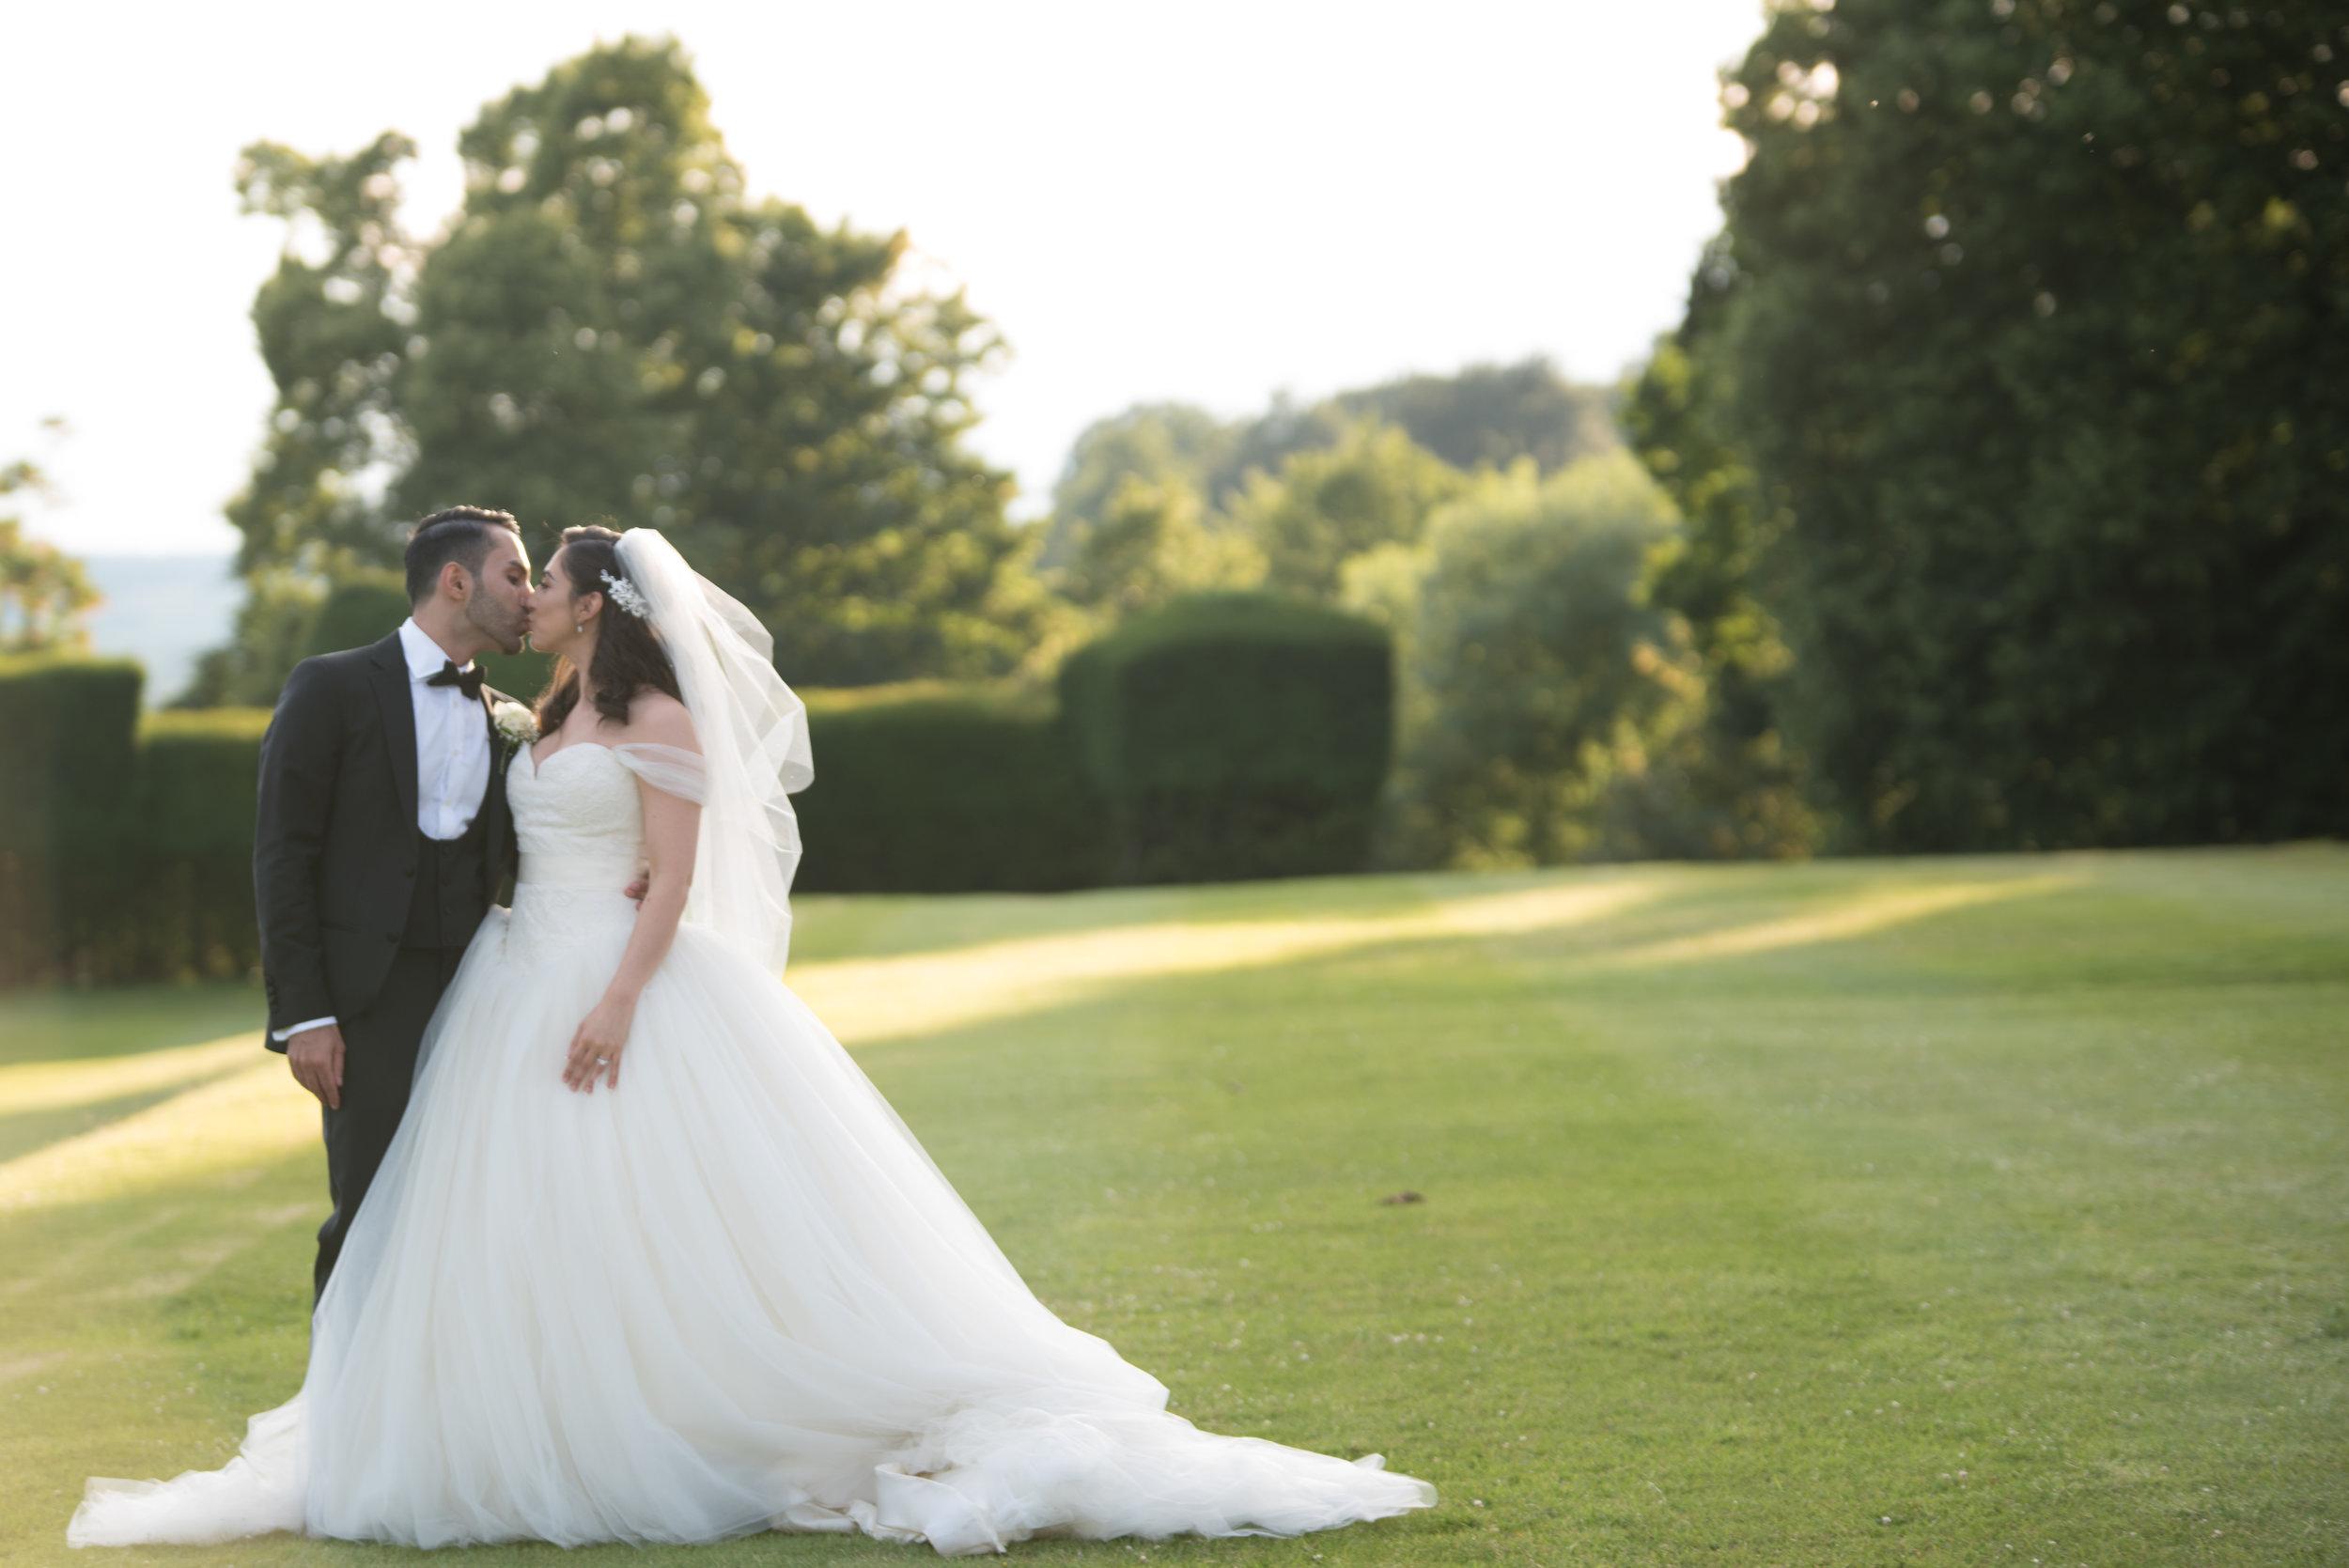 Danesfield house wedding, Danesfield House wedding photographer, Vera Wang wedding dress